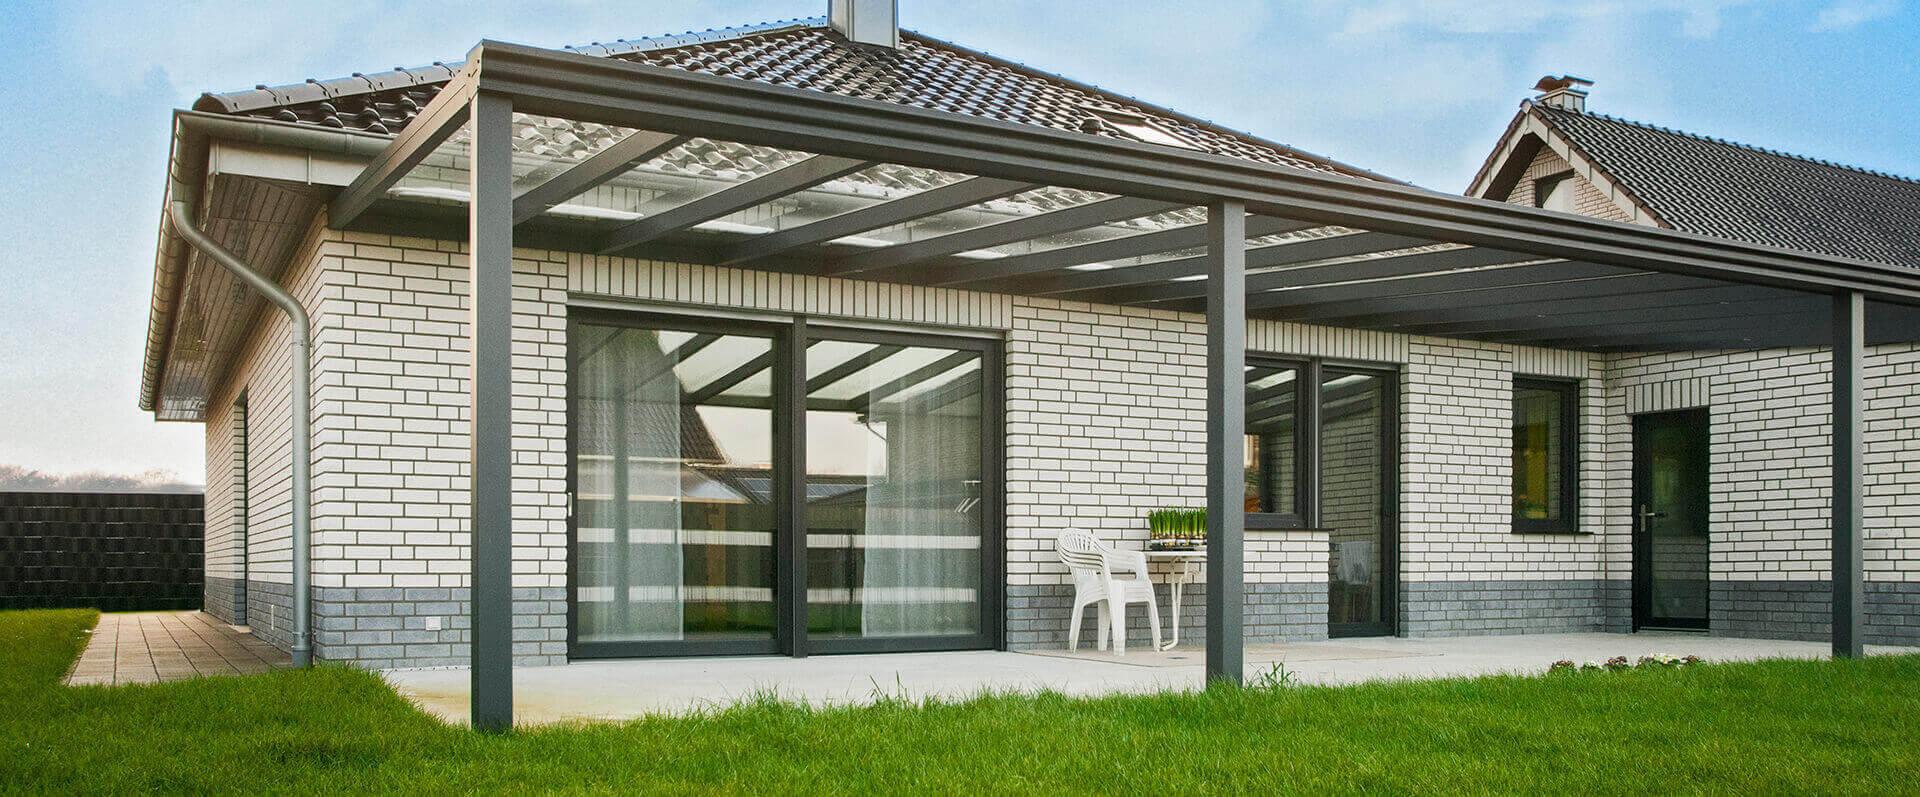 Terrassentueren-Gartentuere-Tuere-terrasse-Terassentuere-HG-Raumdesign